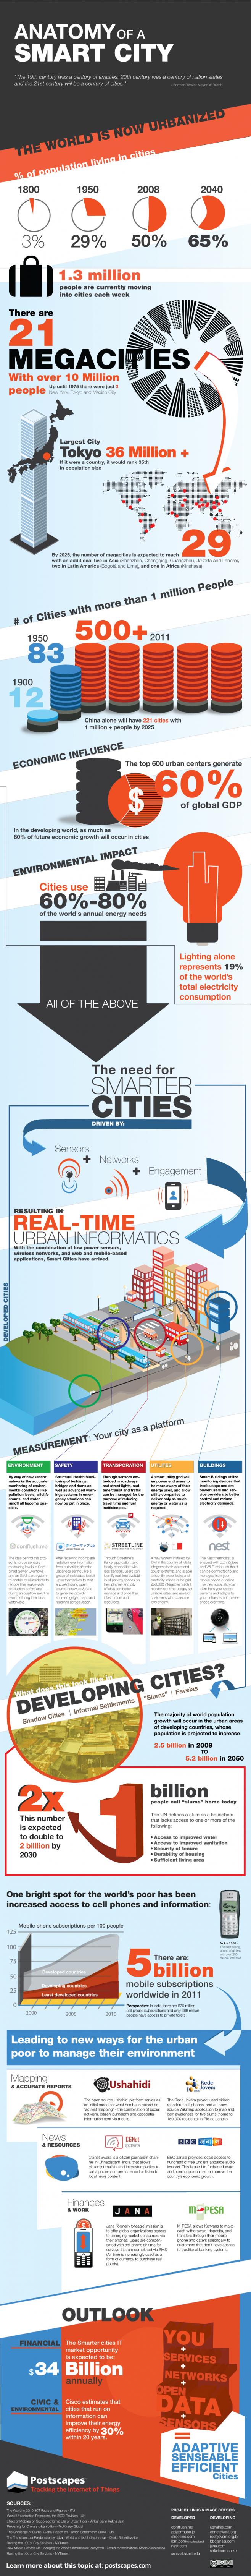 Anatomía de una ciudad inteligente #infografia #infographic | Ciudad ...